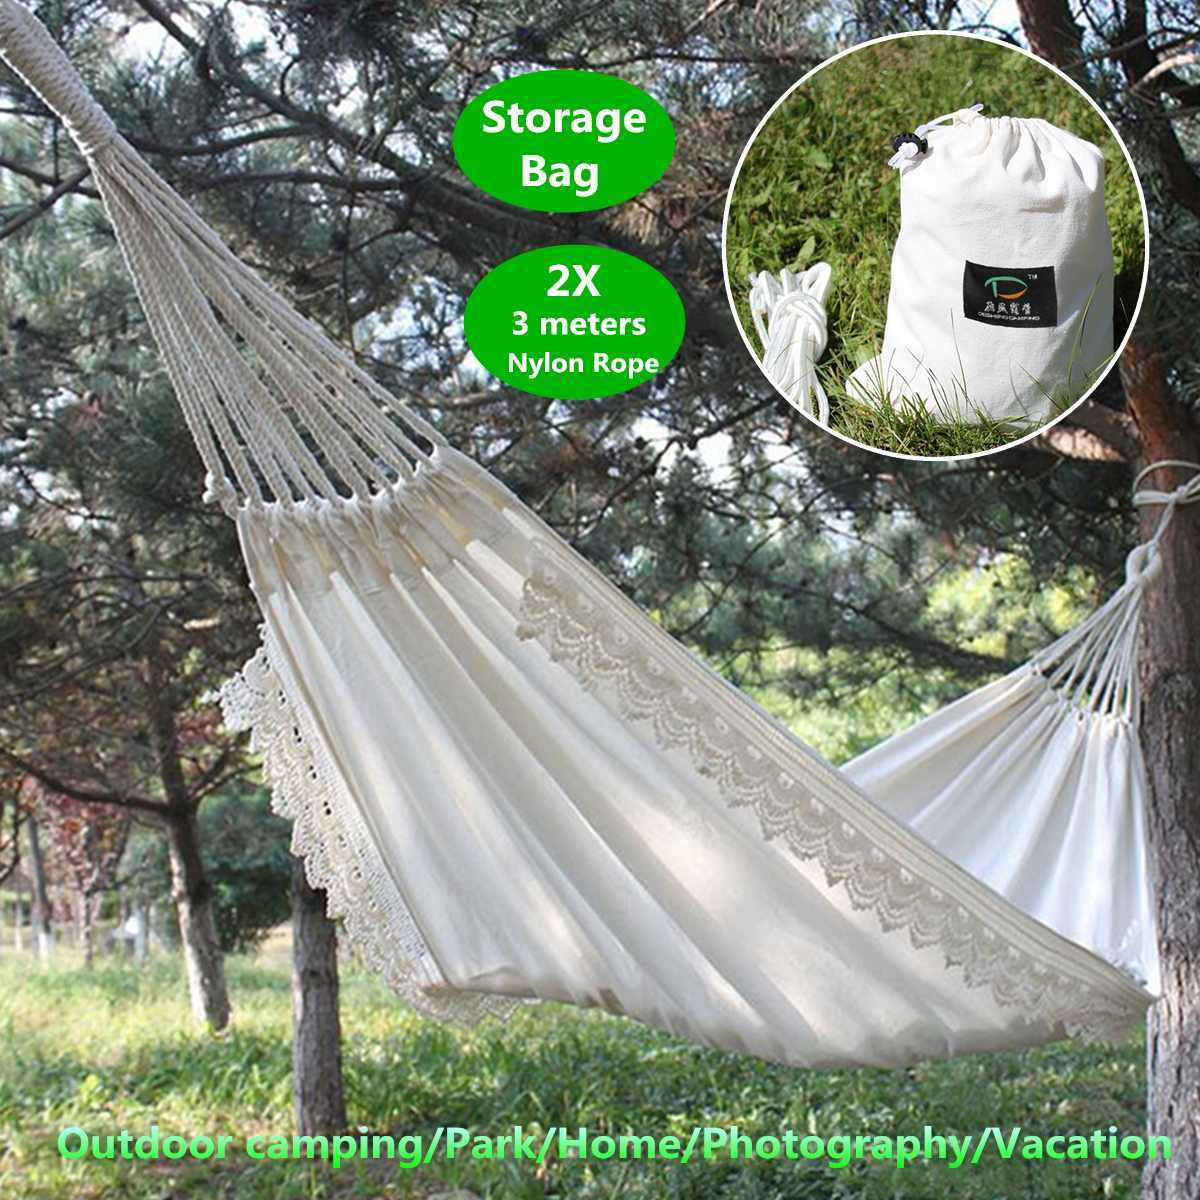 Путешествия гамак кружева уличная москитная сетка парашют гамак кемпинг подвесная кровать качели портативный двойной стул Hamac белый